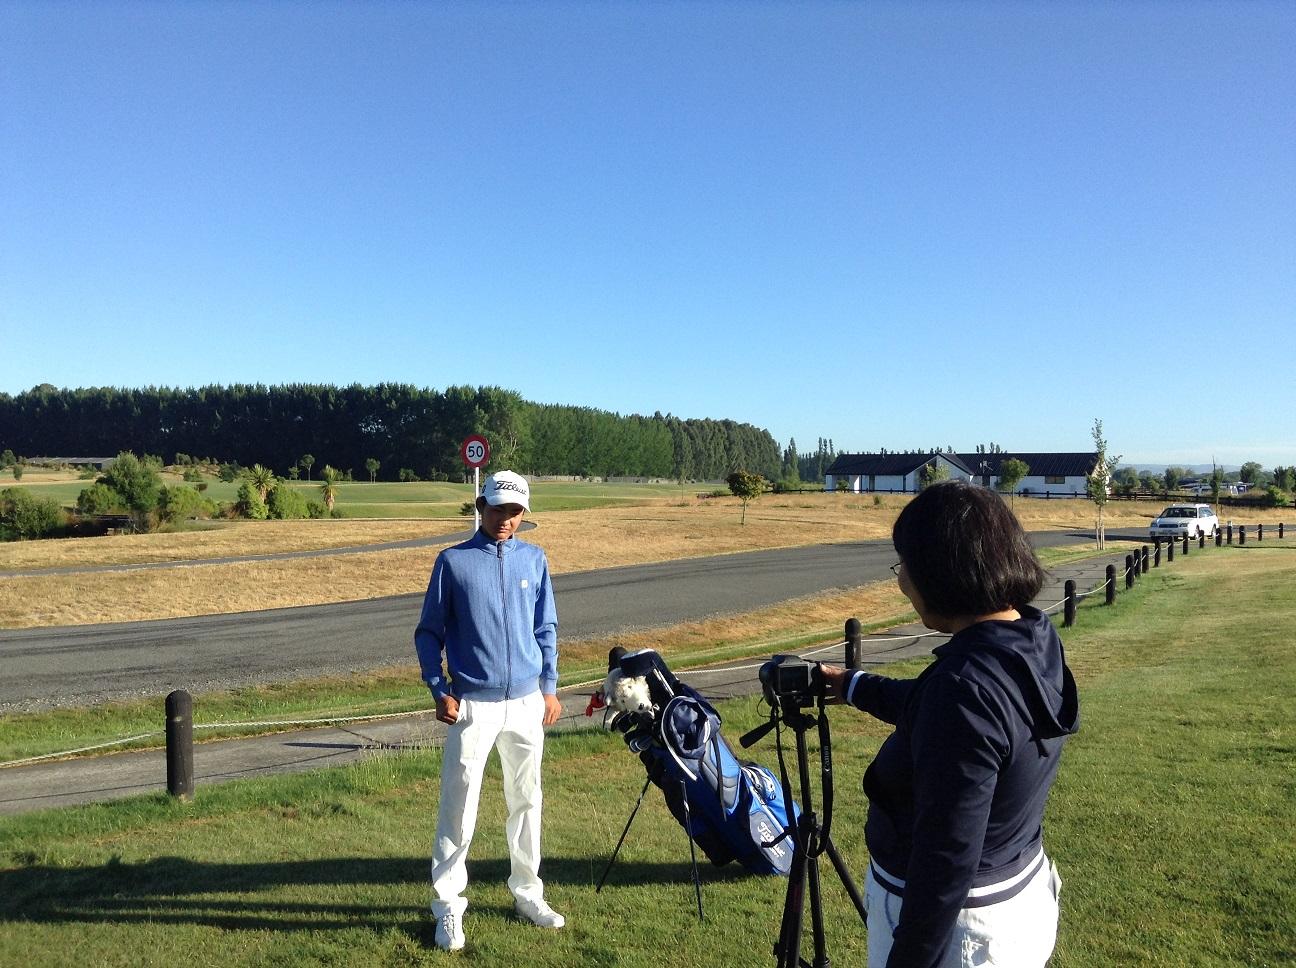 桃花に続いて、一磨もアメリカの大学ゴルフ部への進学を目指すようです。ということで、まずはリクルート用スイングビデオの撮影会。